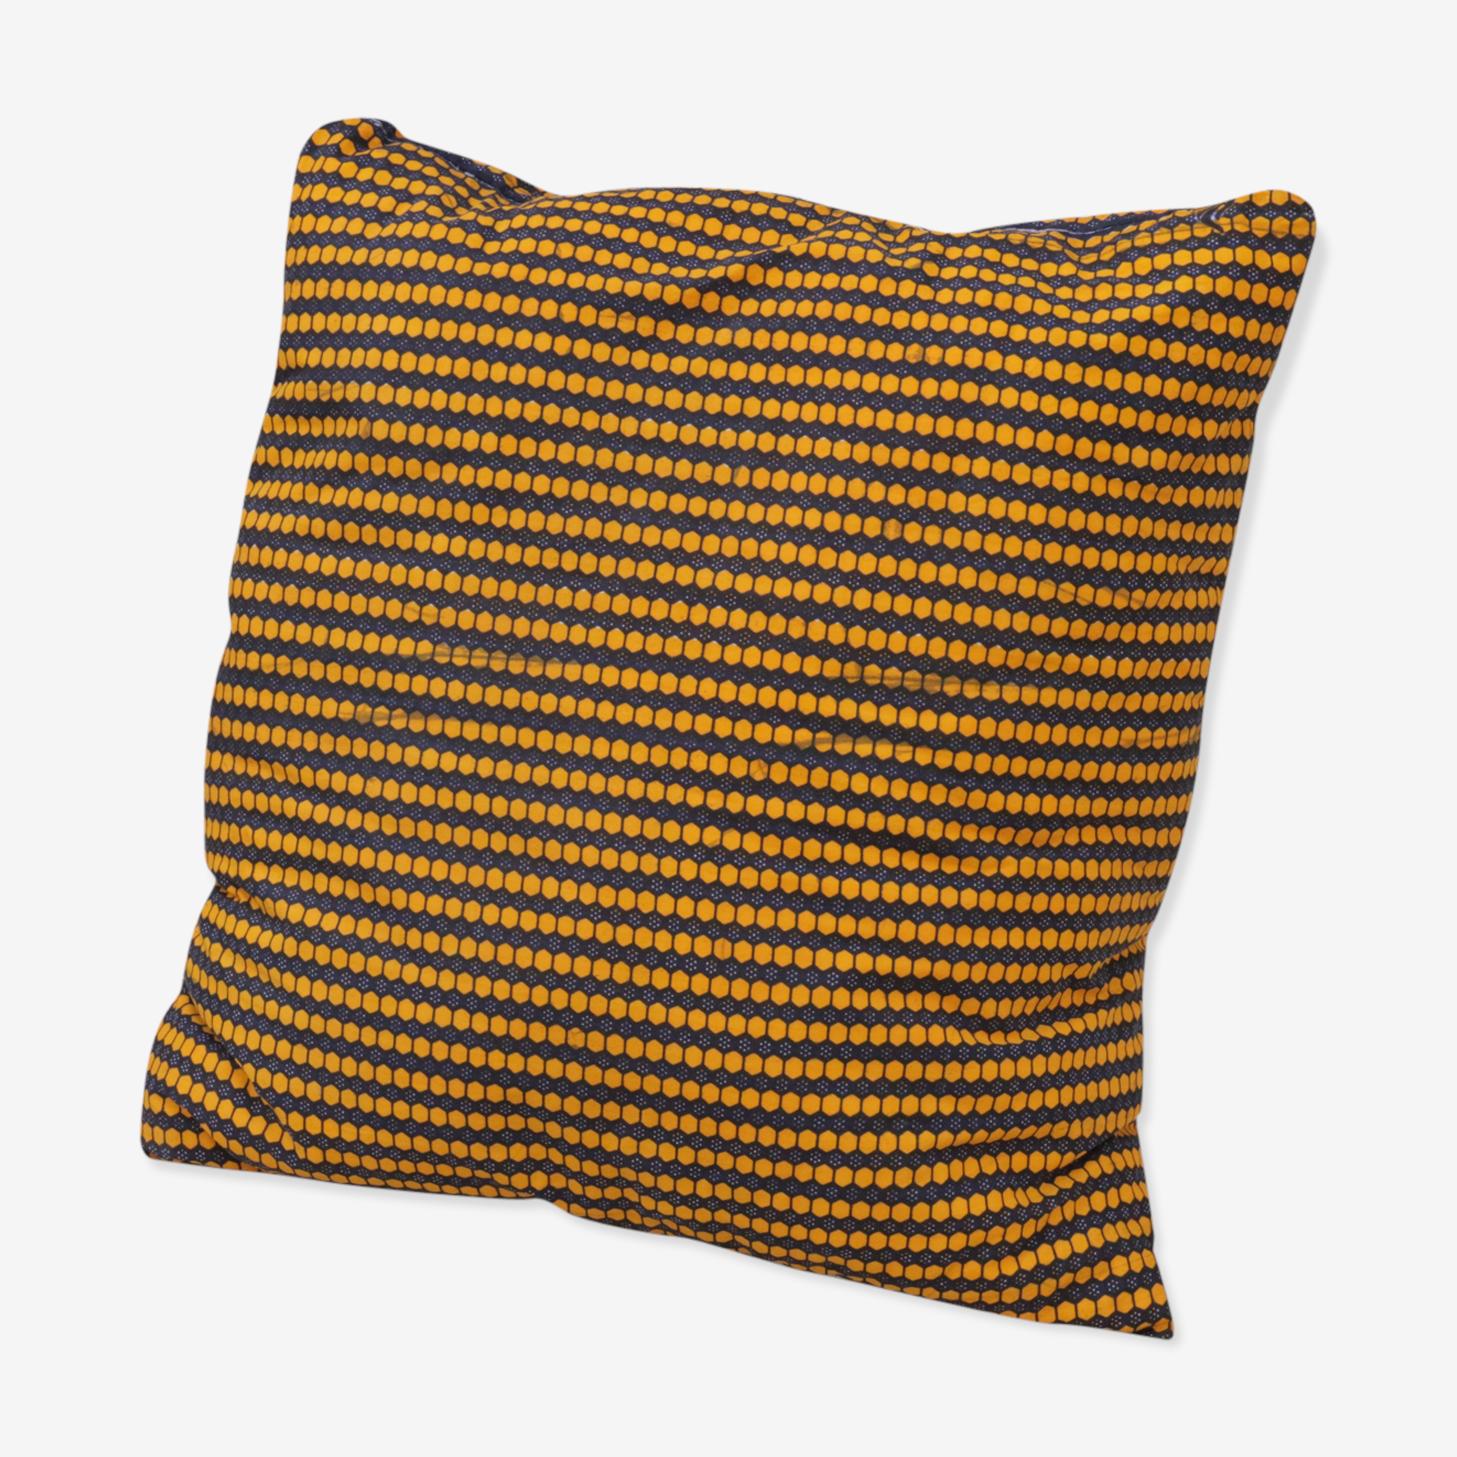 Coussin wax carreaux jaunes et marron